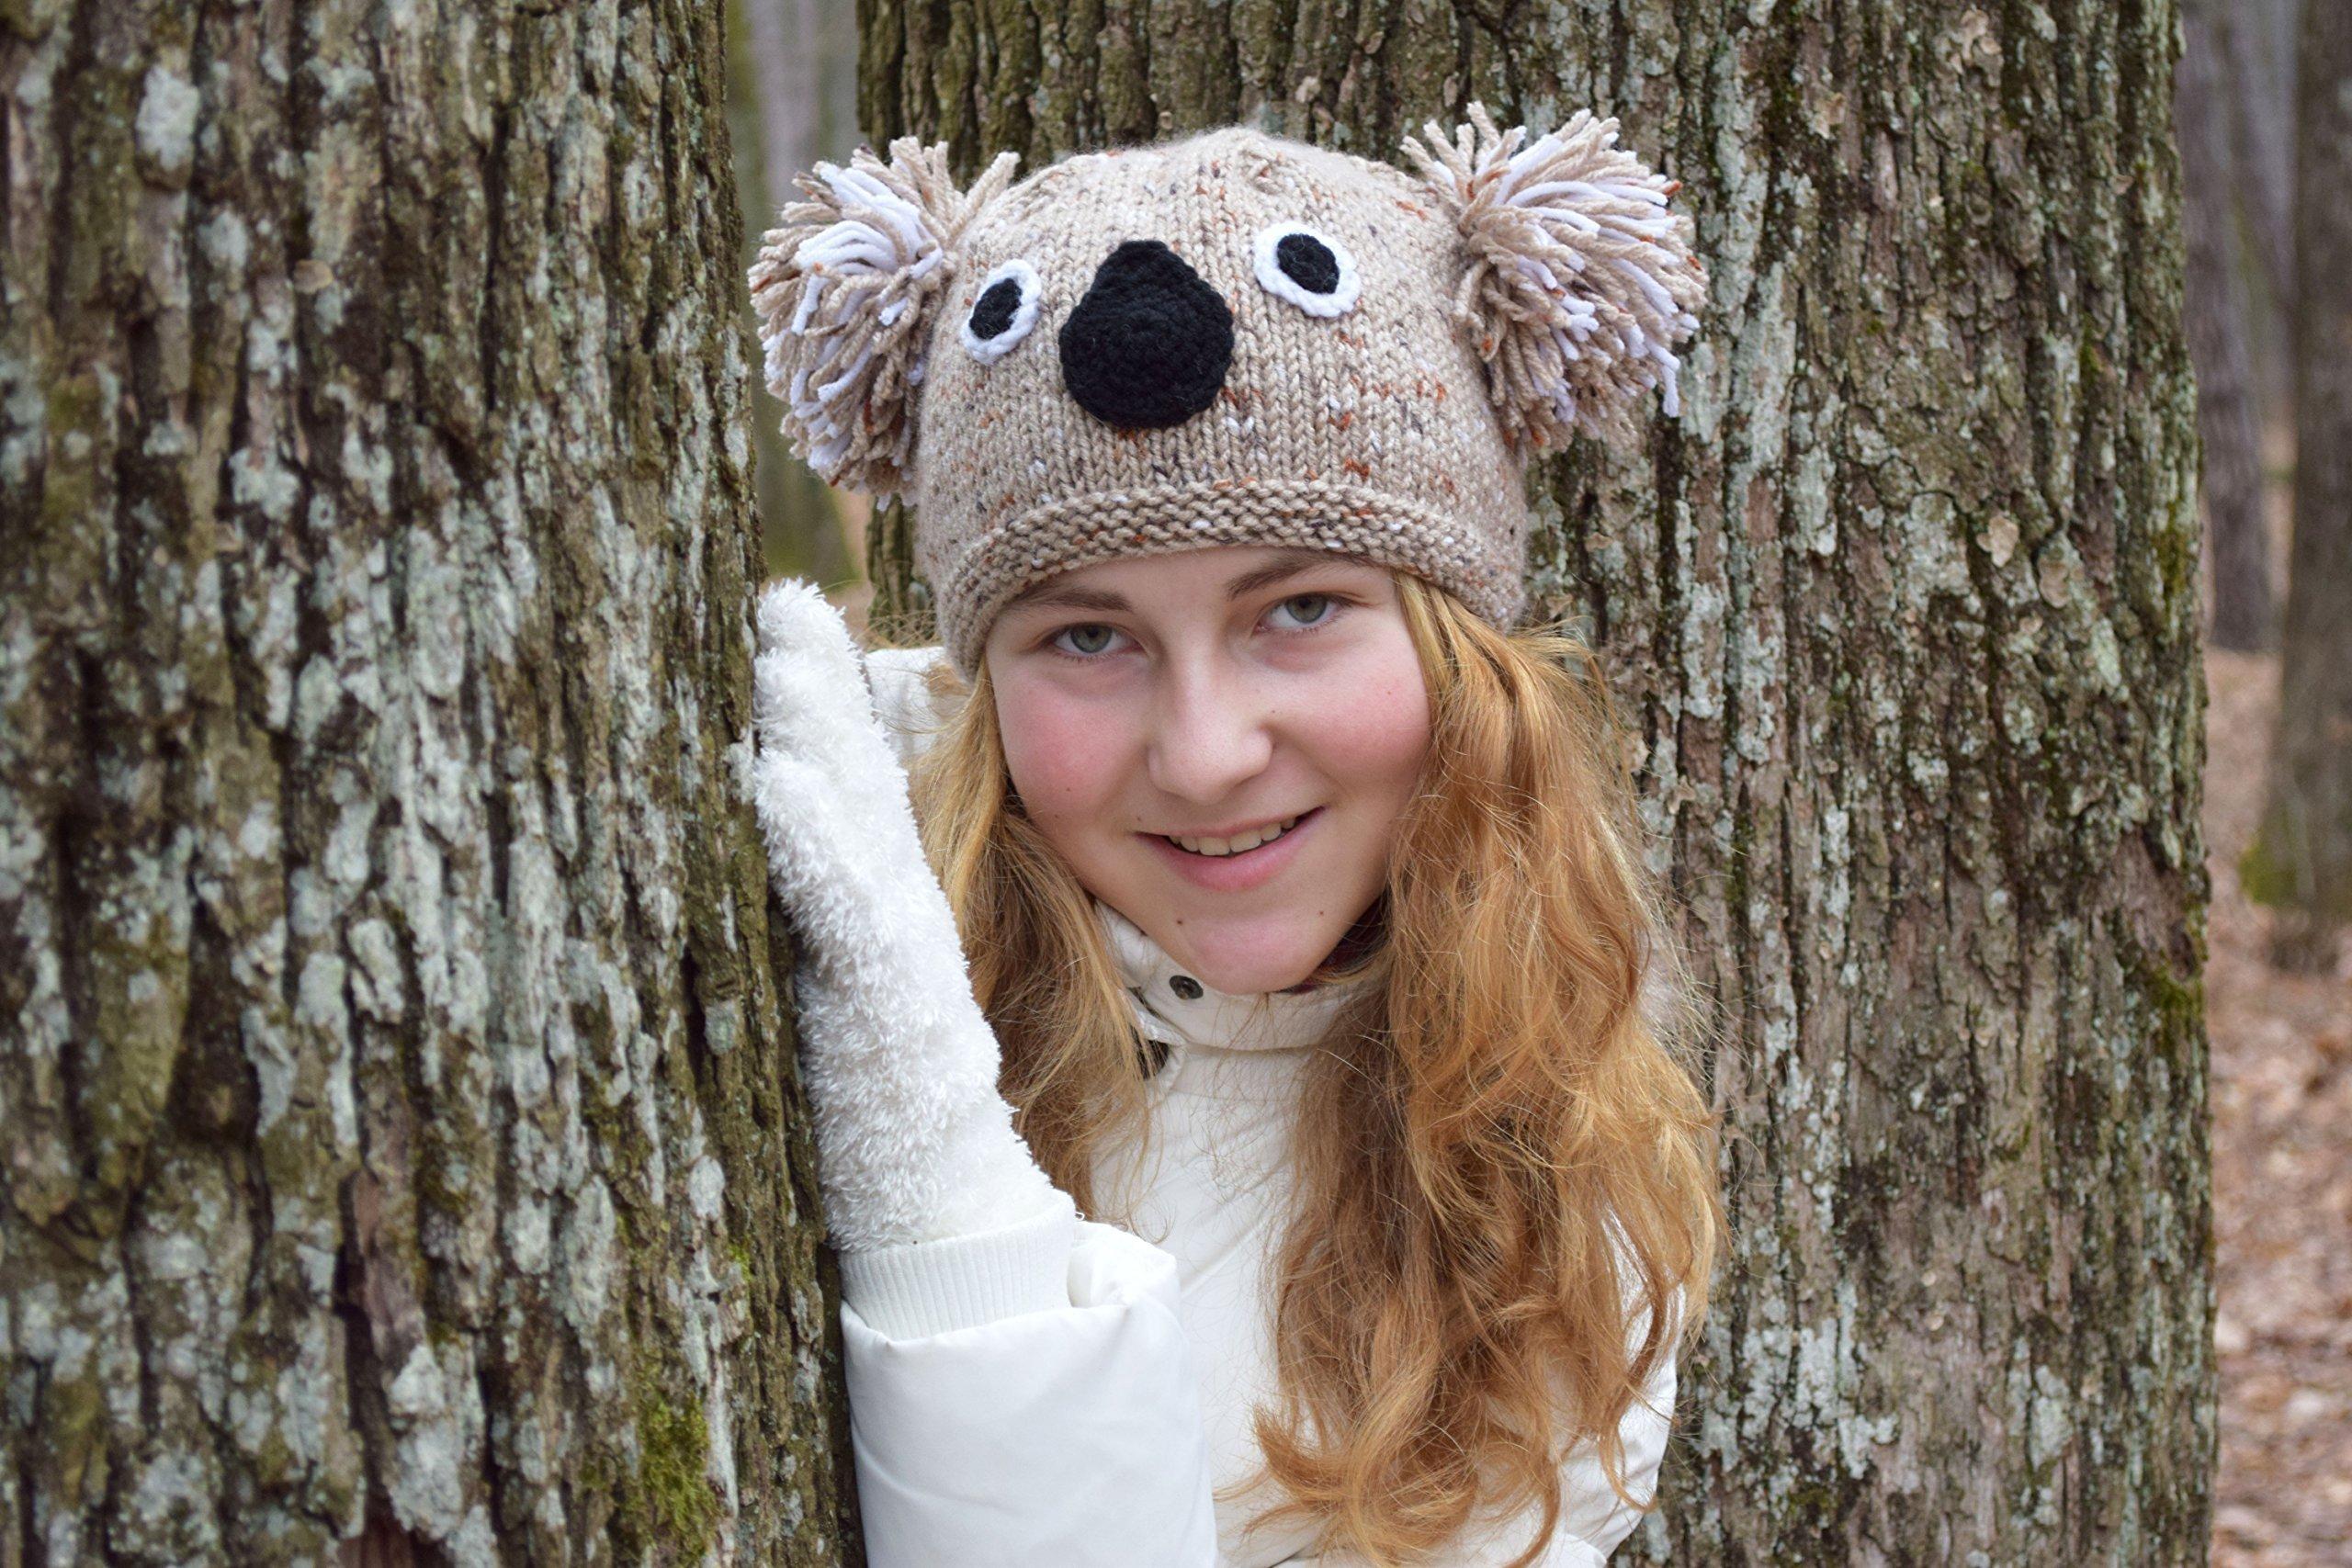 Koala hat Teen girl beanie Girls hat Girlfriend gift Knit wool hat Koala beanie spring fashion Gift for teen girl animal hat spring hat animal hats Koala hats Girl hat Animal wear